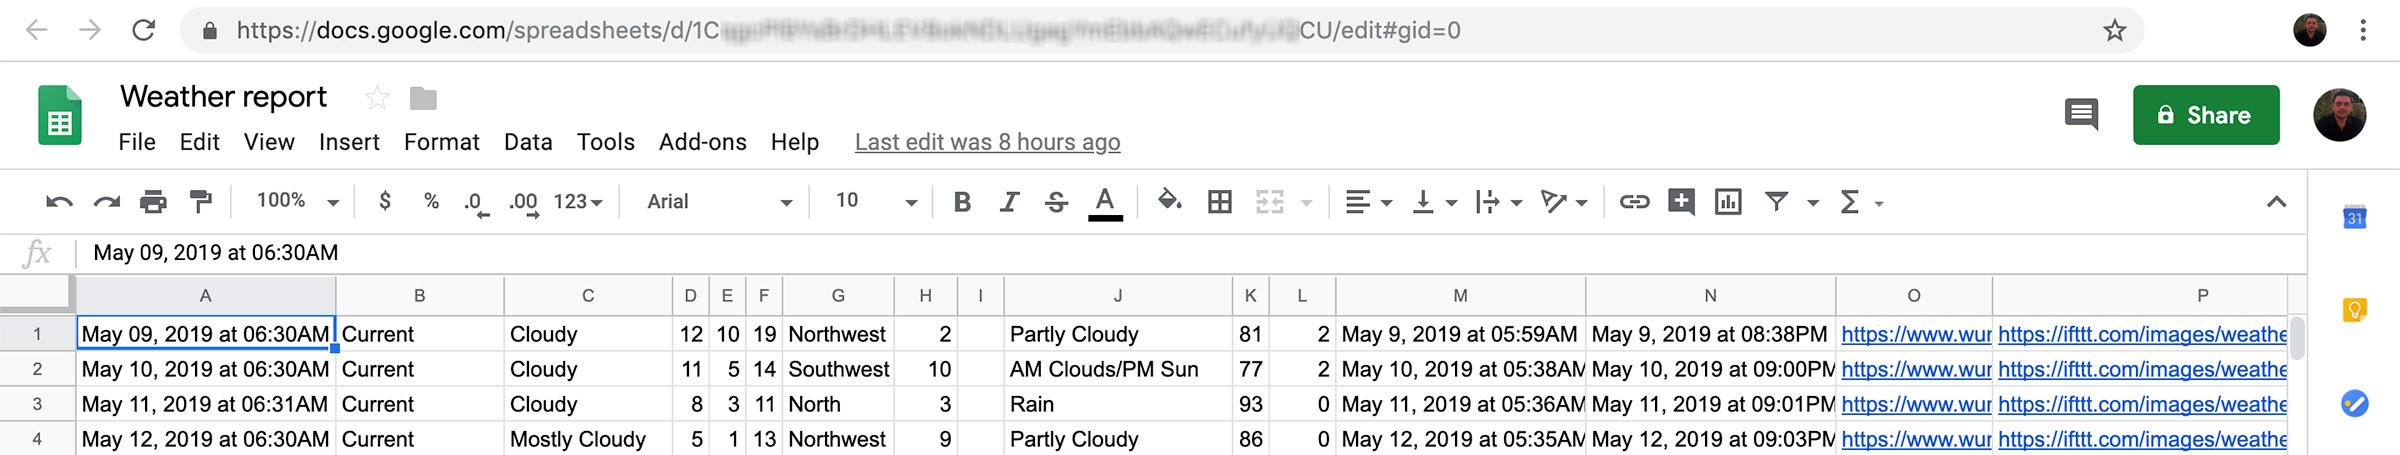 IFTTT Weather Google script sheet data